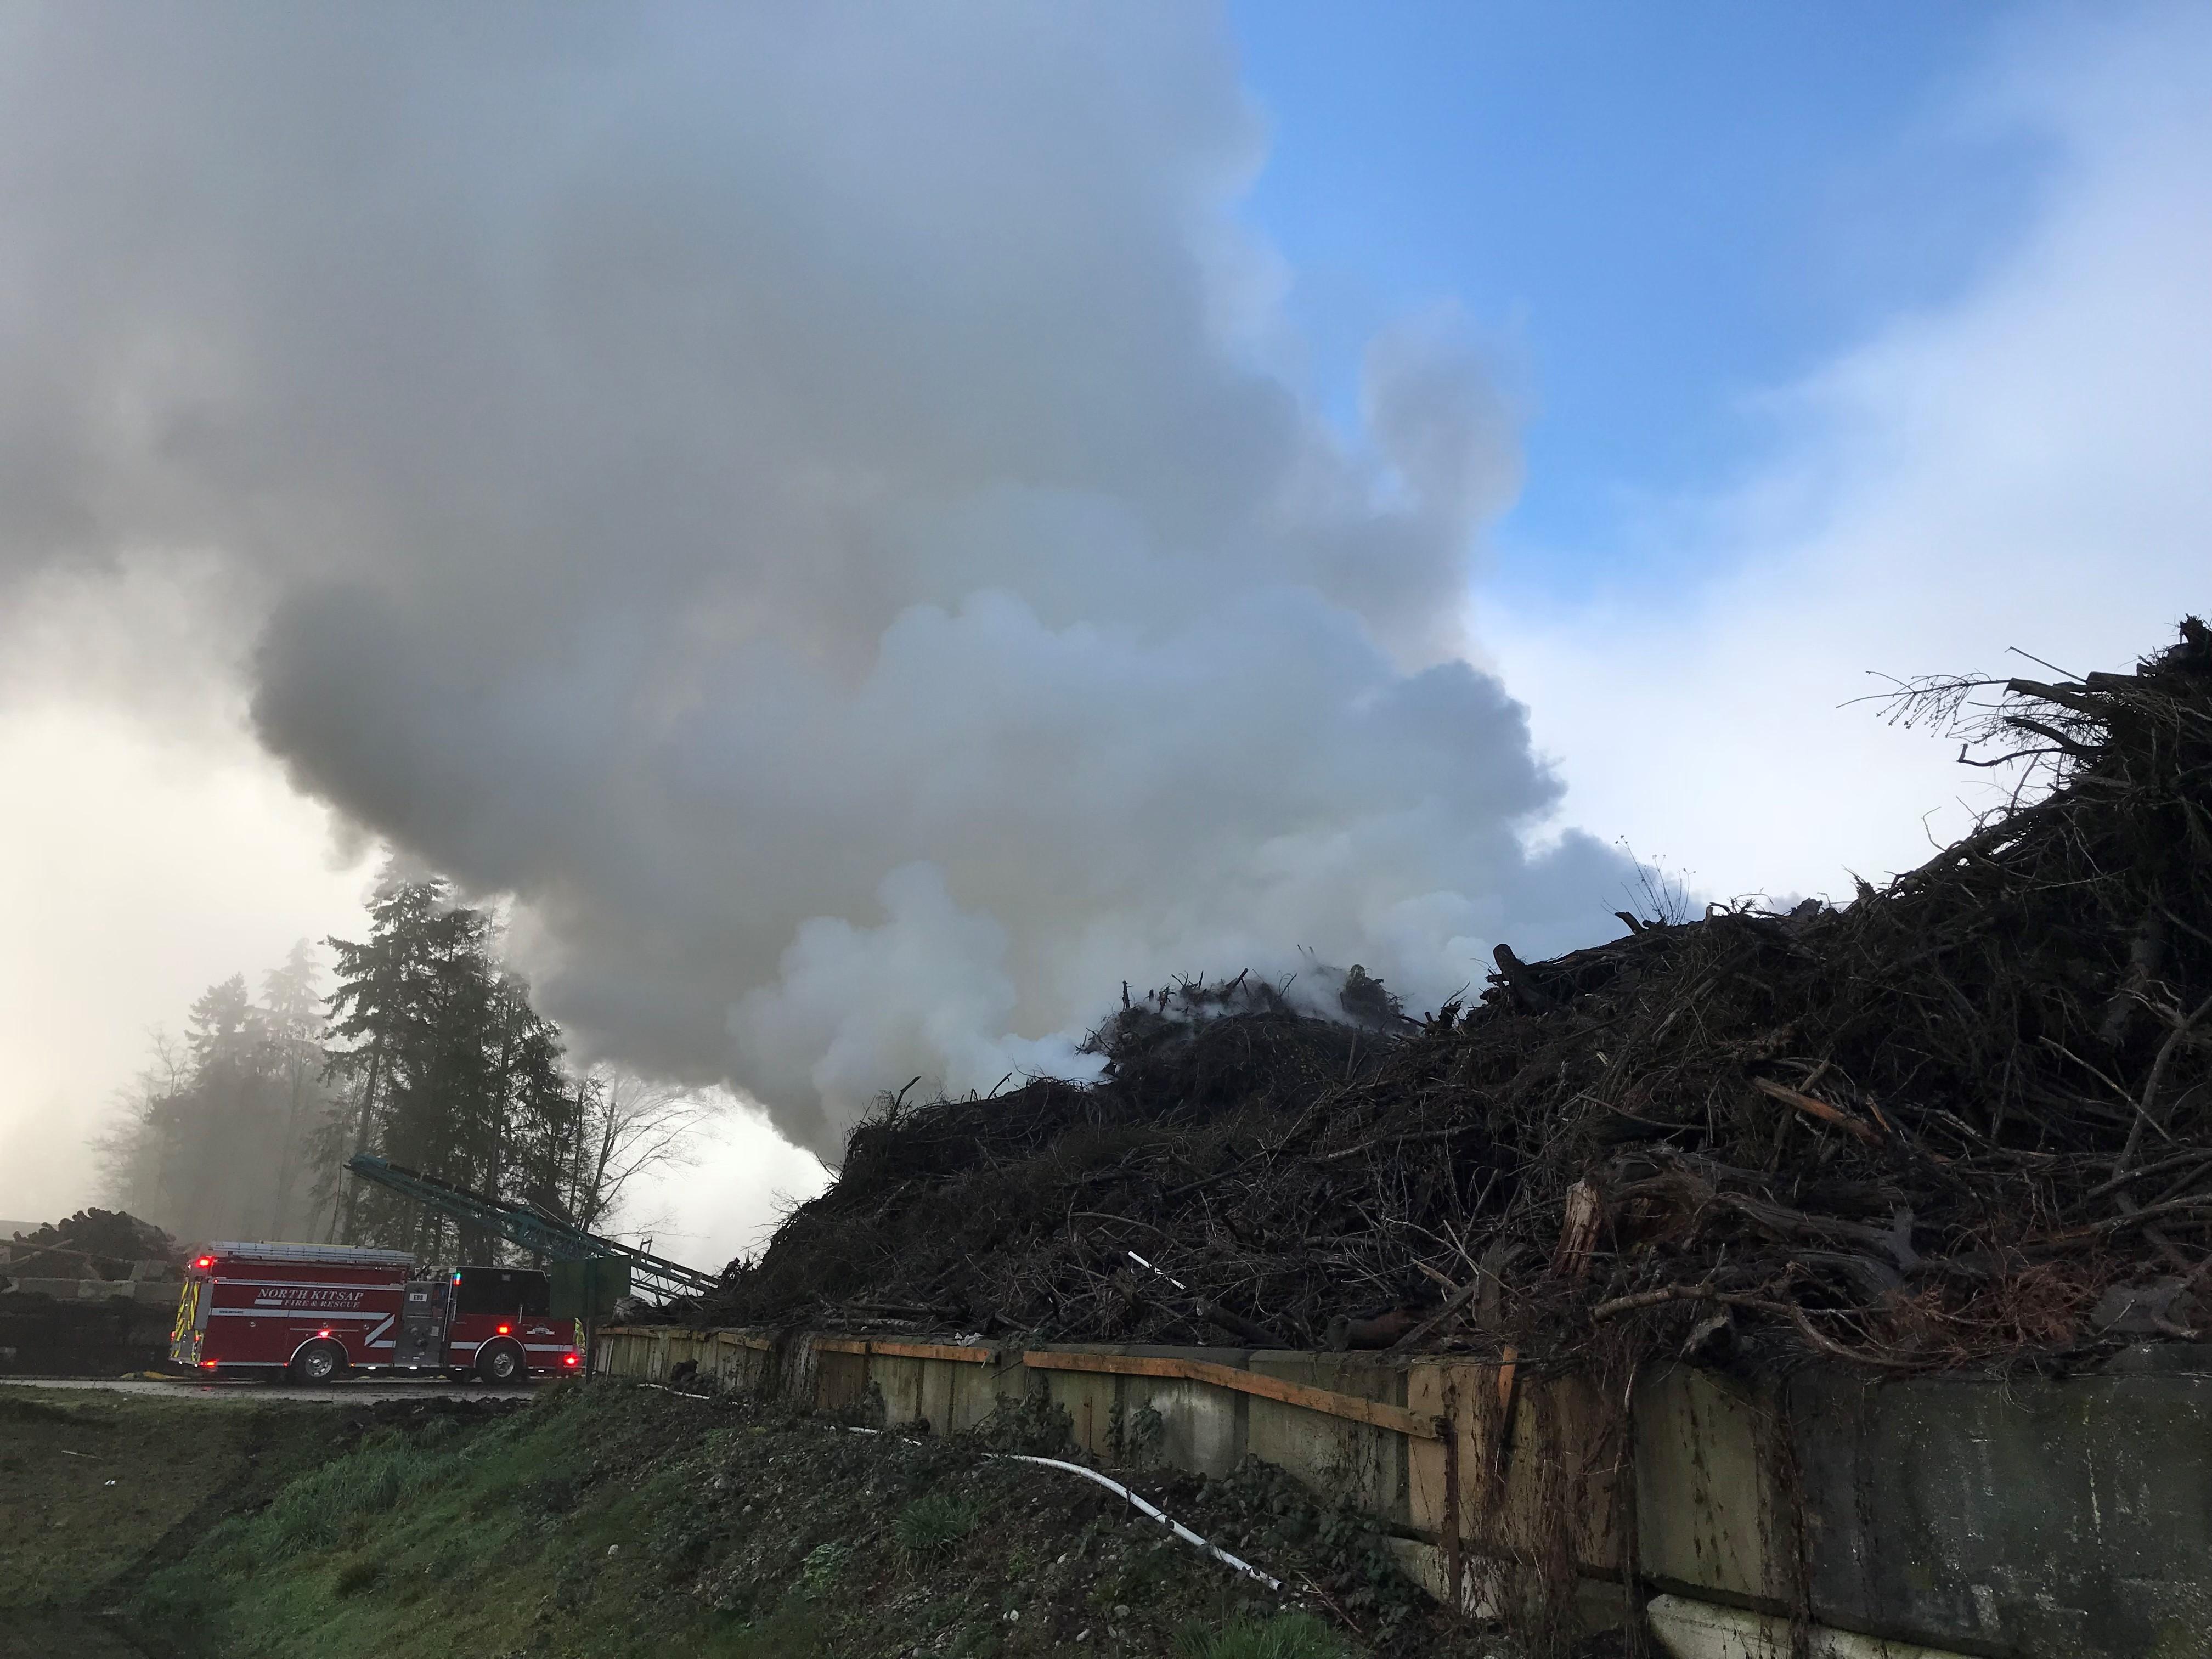 Press Releases – North Kitsap Fire & Rescue